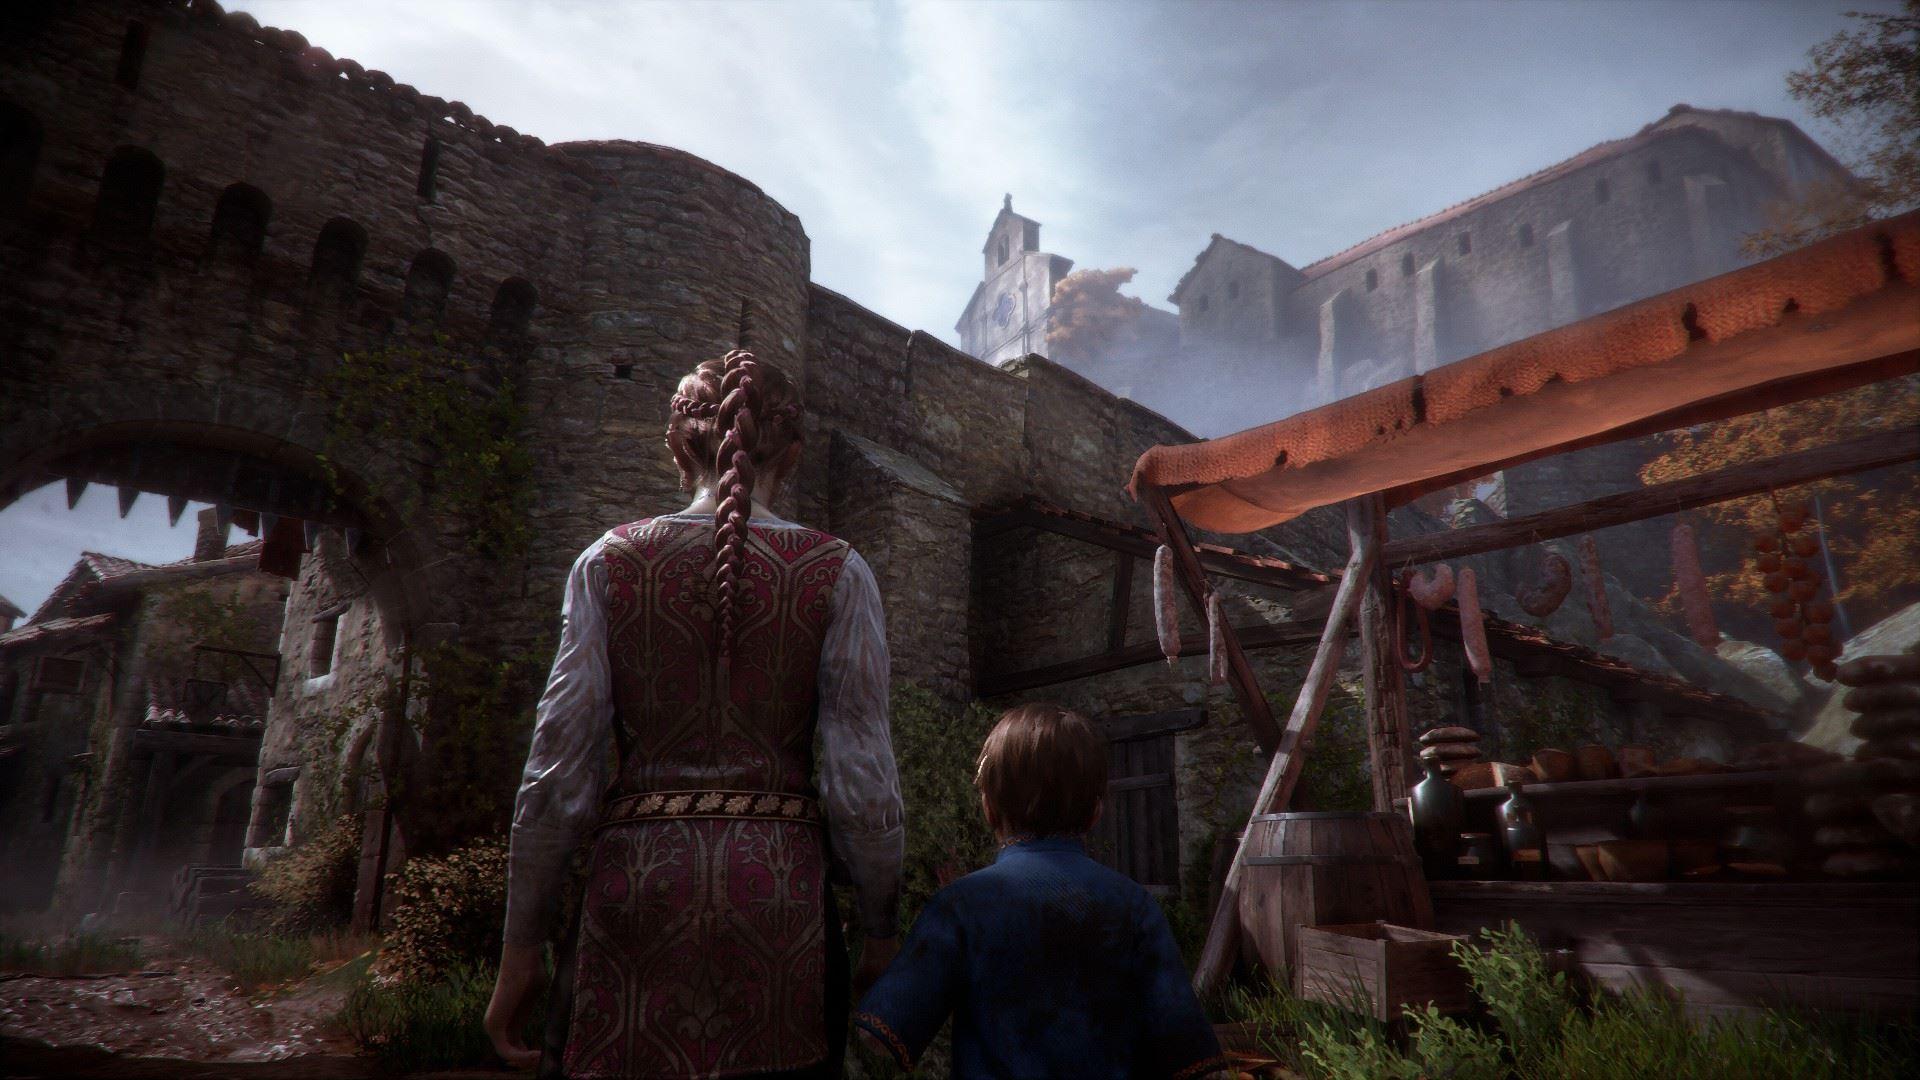 Инсайдер: некстген-версия A Plague Tale: Innocence станет бесплатной в июле для владельцев PS5 с подпиской PS Plus